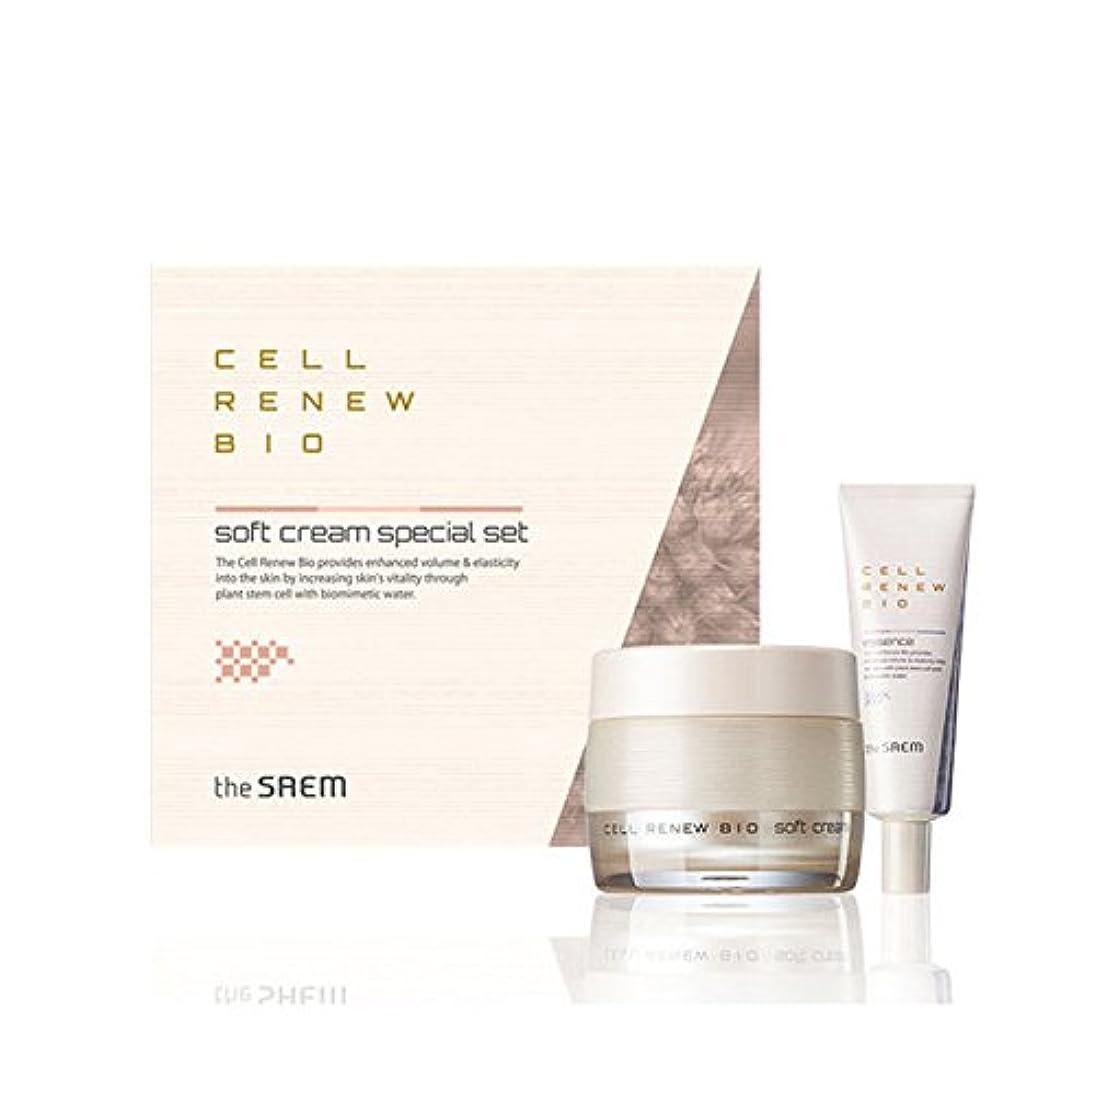 苦しむ箱る[ザセム] The Saem セルリニュー バイオ クリーム スペシャルセット Cell Renew Bio Cream Special Set (海外直送品) [並行輸入品]